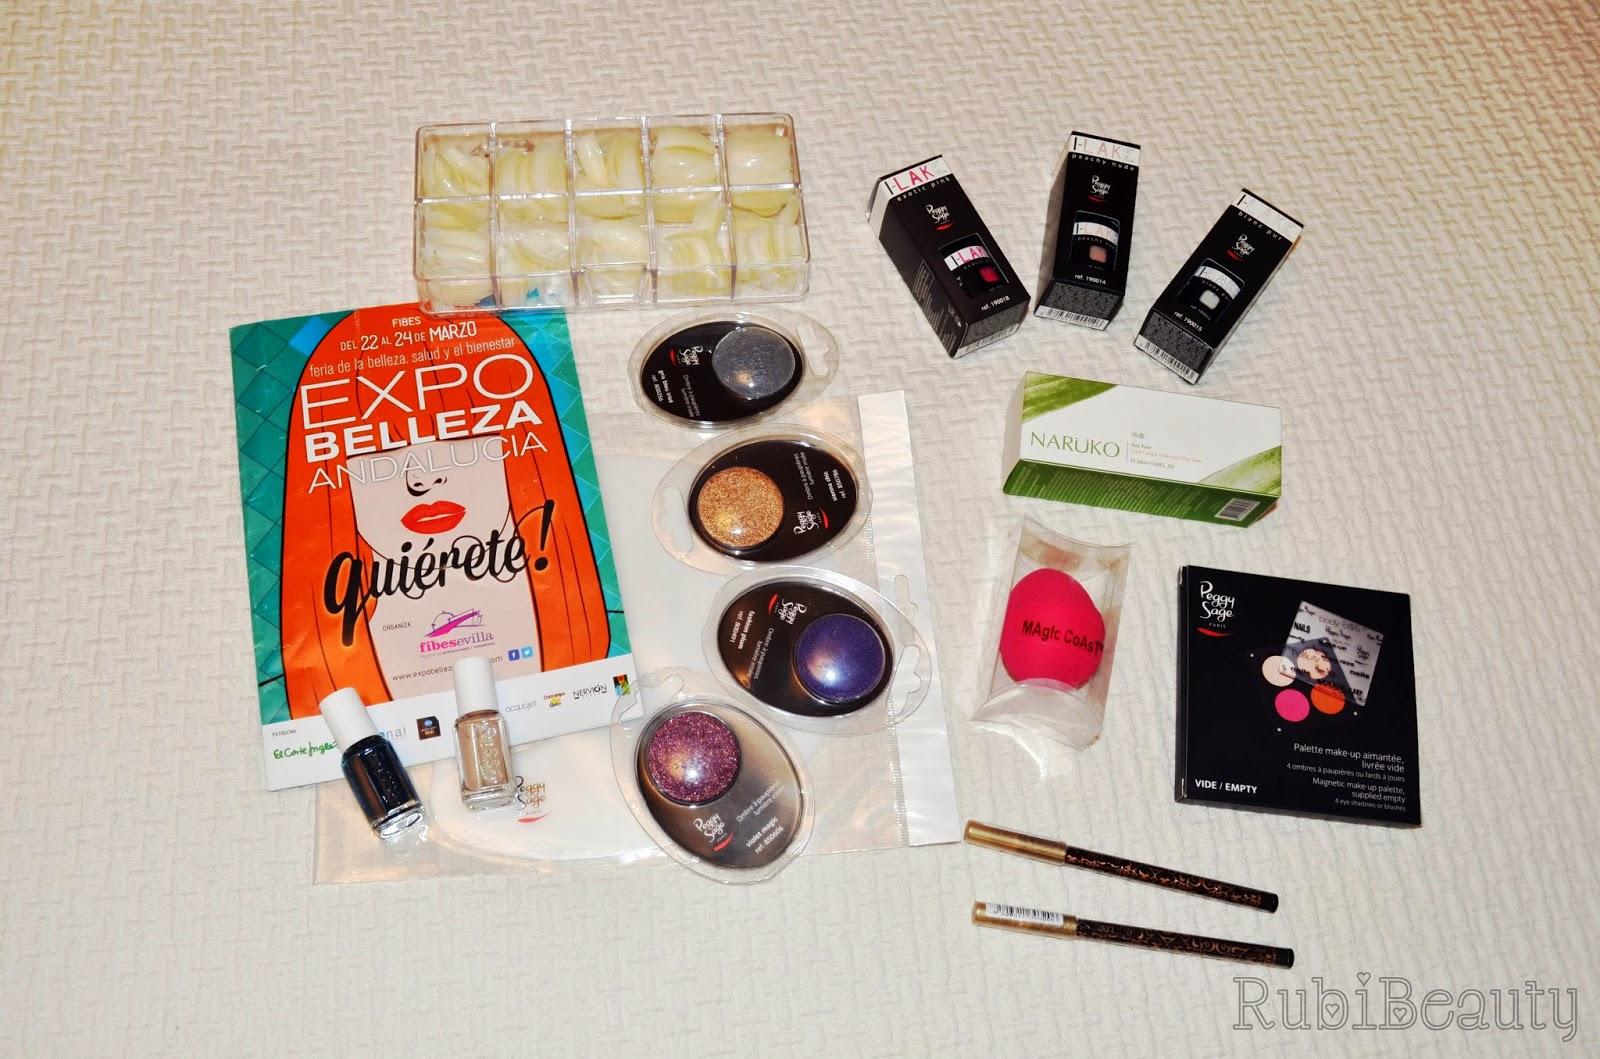 rubibeauty expobelleza sevilla 2014 compras